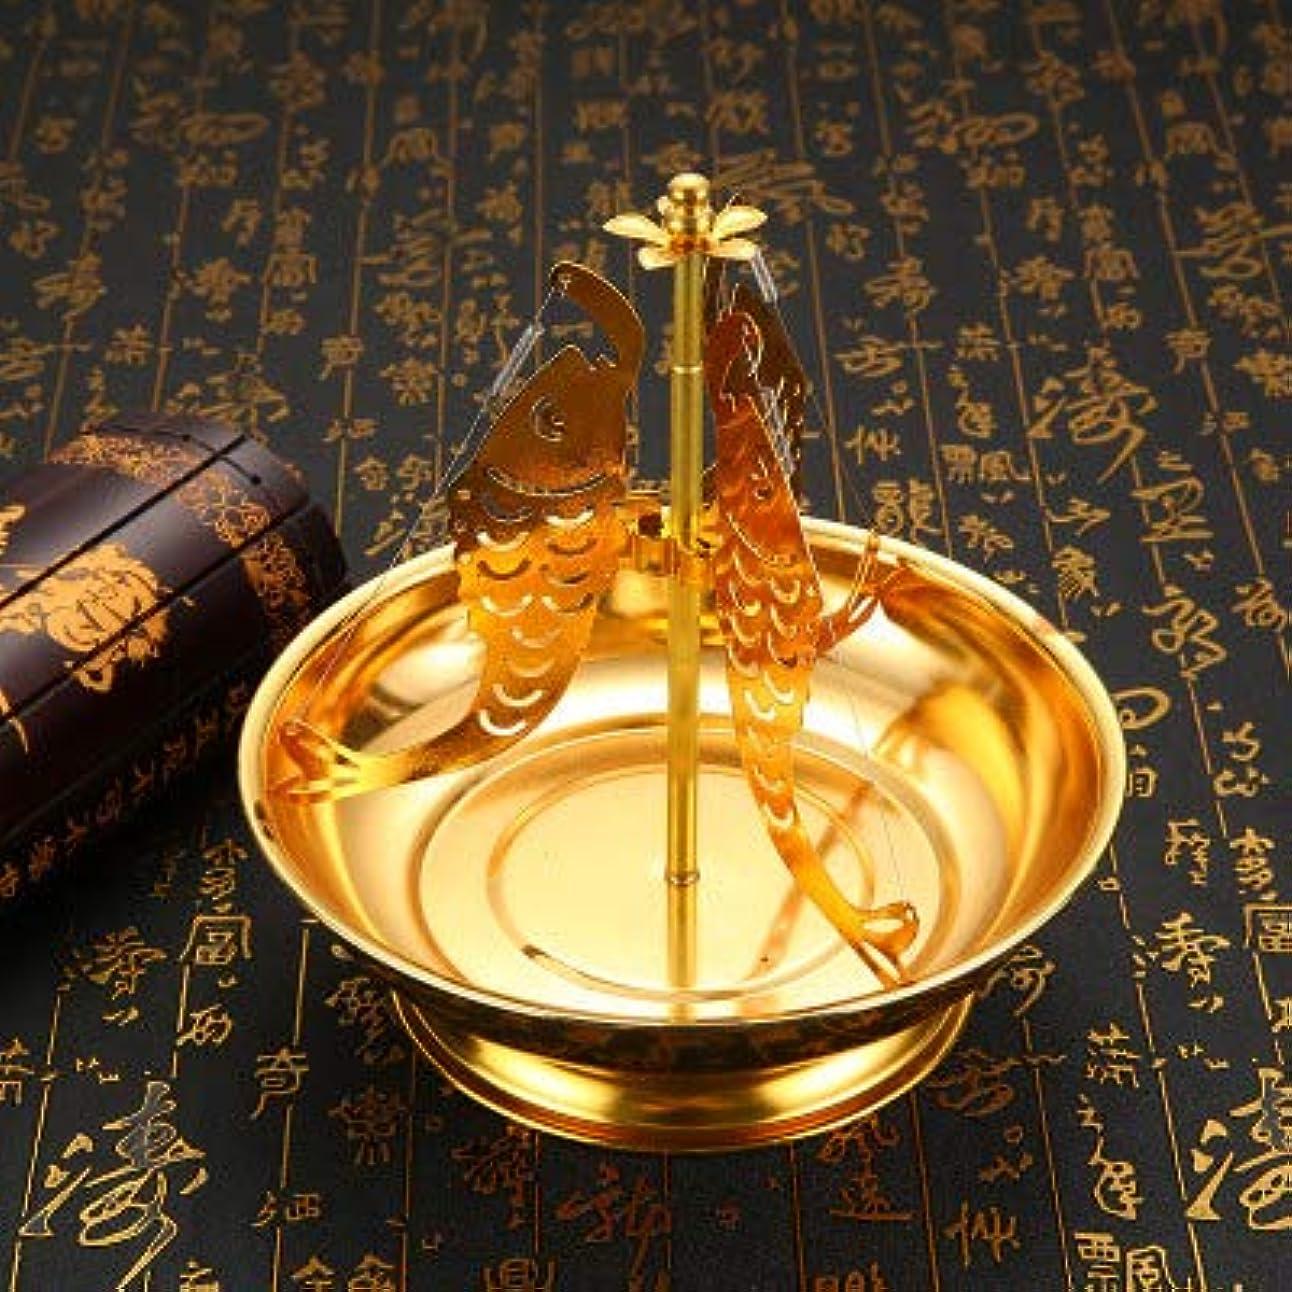 疑い者幸福ボイドPHILOGOD 合金香炉 香立て 鯉のスタイリング線香立て 香皿 (Gold)